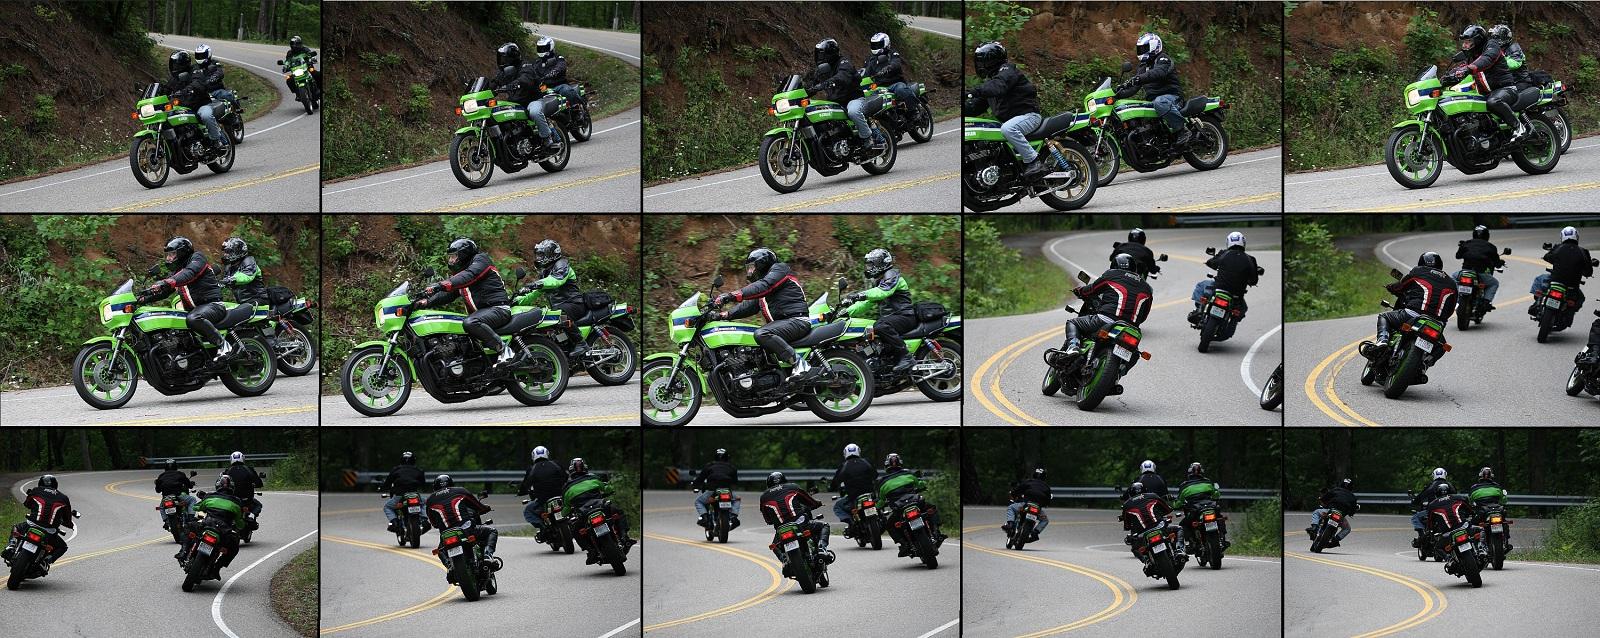 129 Slayer kz1000r deals gap meet during twostroke week (usa) 2011